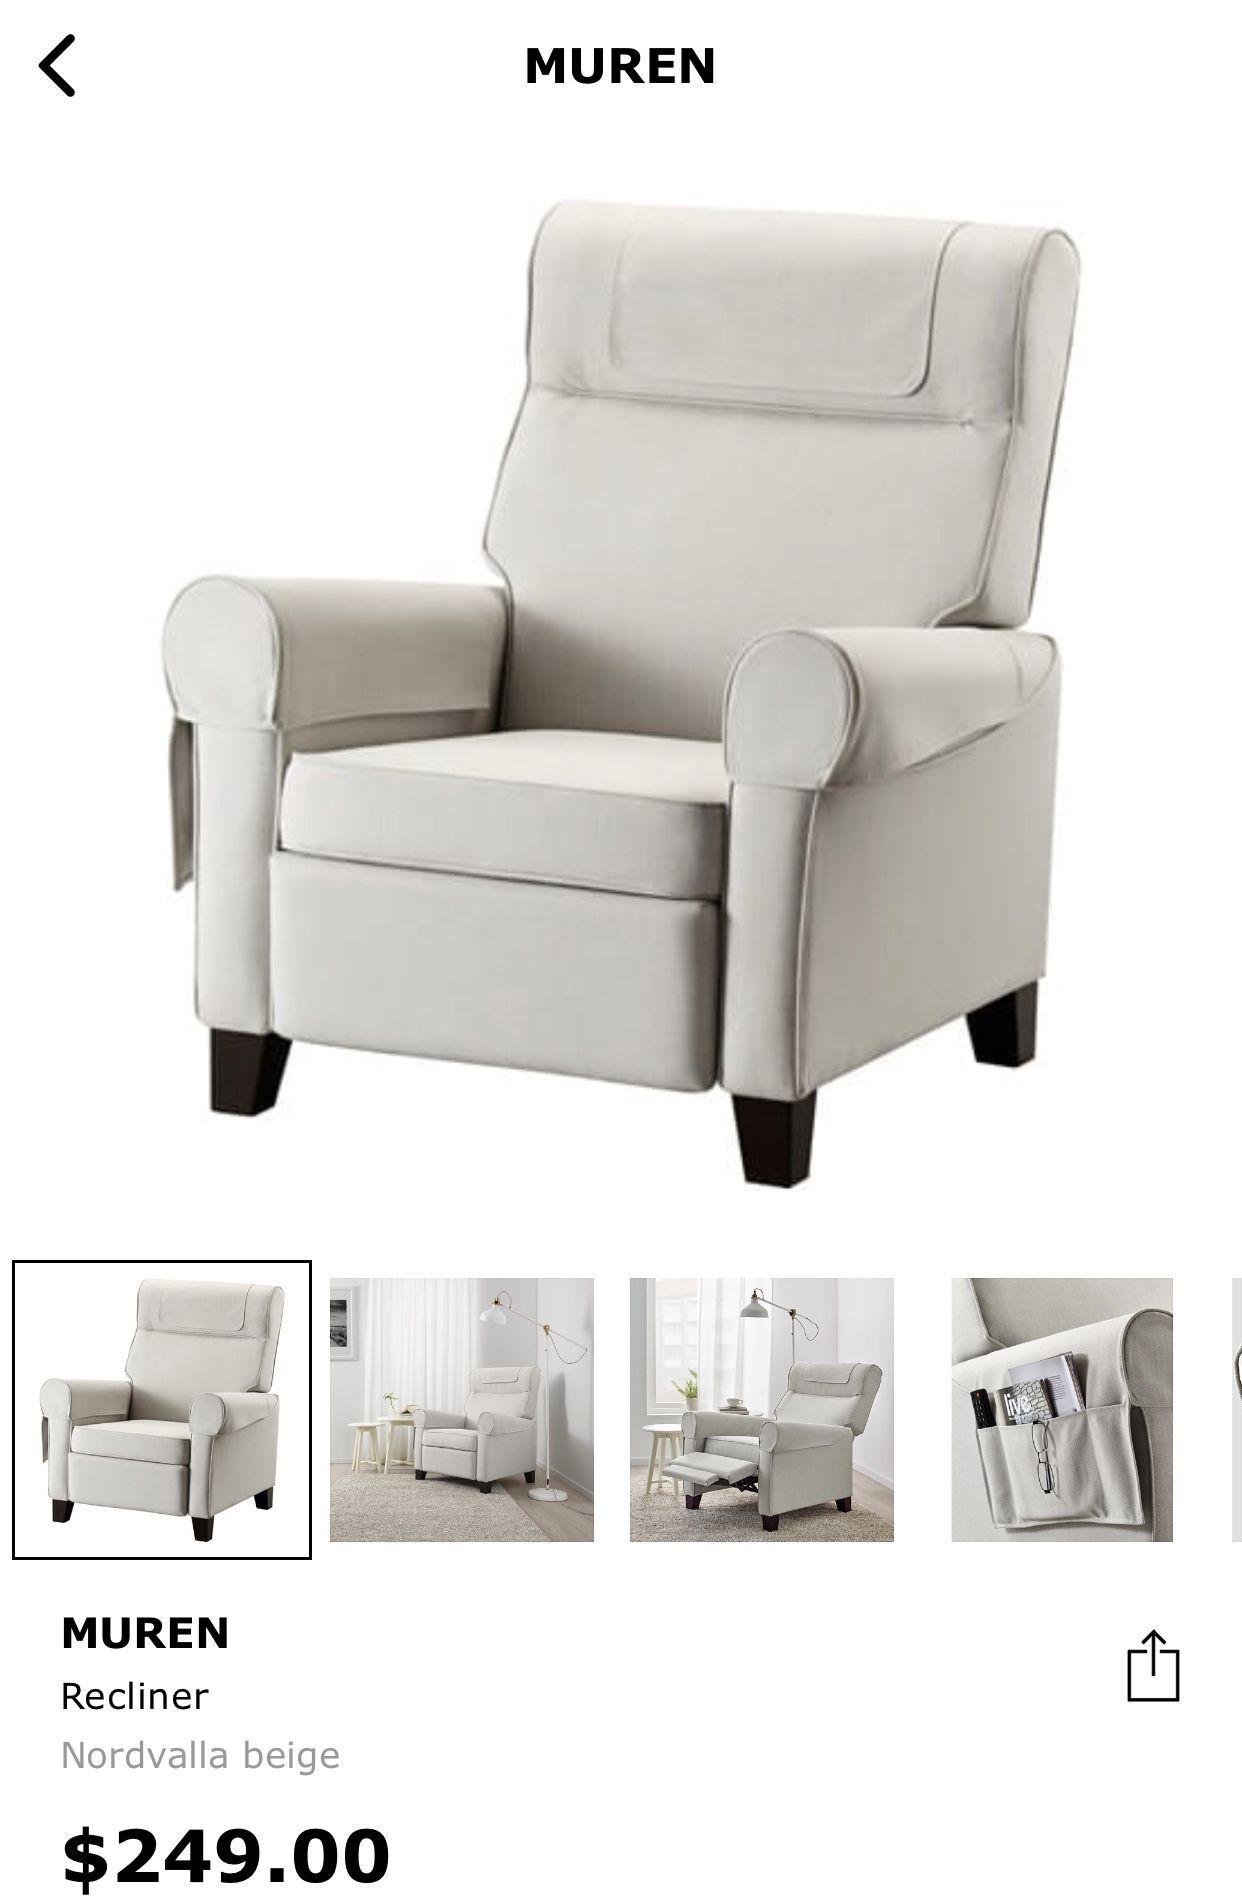 Full Size of Liegestuhl Ikea Recliner Küche Kaufen Betten 160x200 Kosten Garten Bei Miniküche Modulküche Sofa Mit Schlaffunktion Wohnzimmer Liegestuhl Ikea